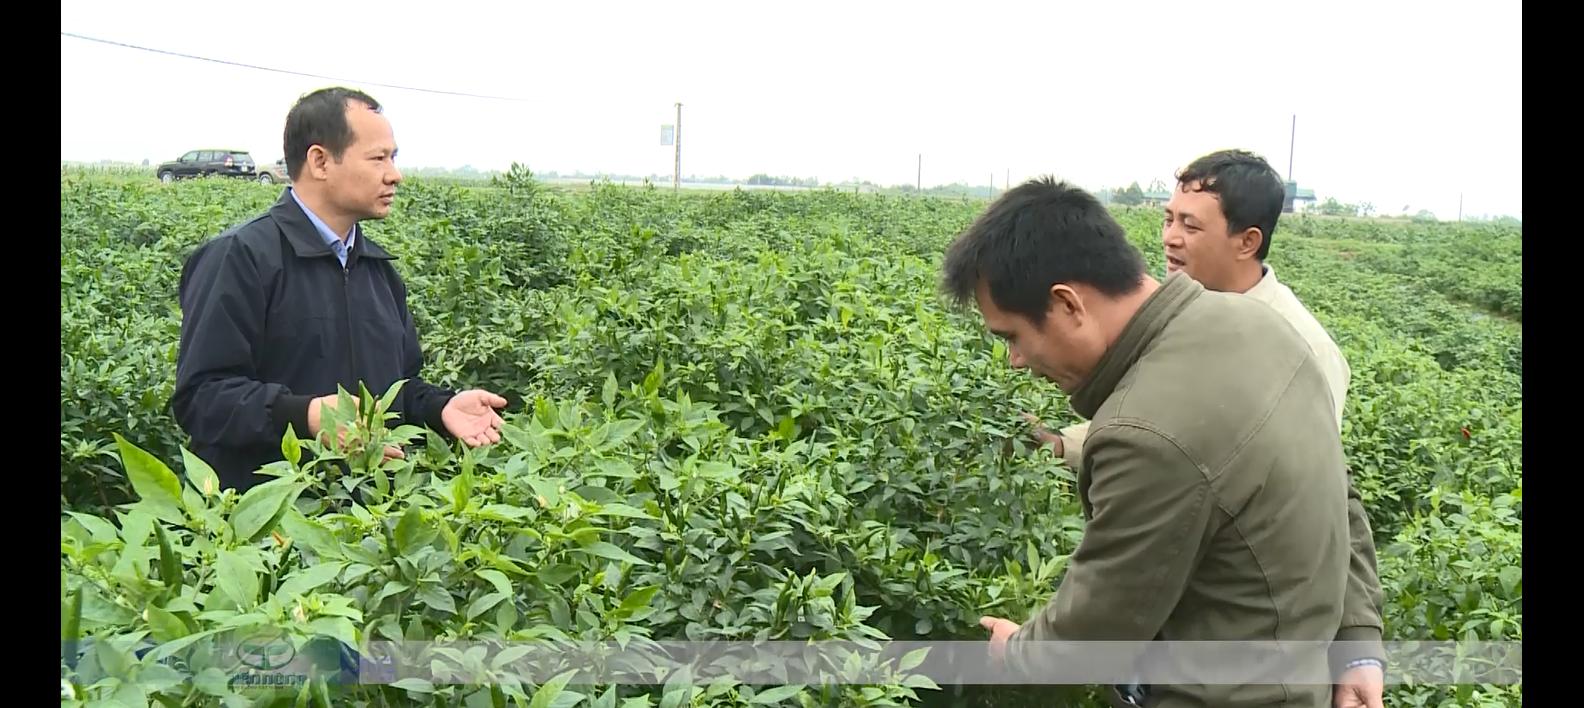 Kỹ sư điện đam mê nông nghiệp, thu tiền tỷ nhờ sản xuất phân bón hữu cơ - Ảnh 4.